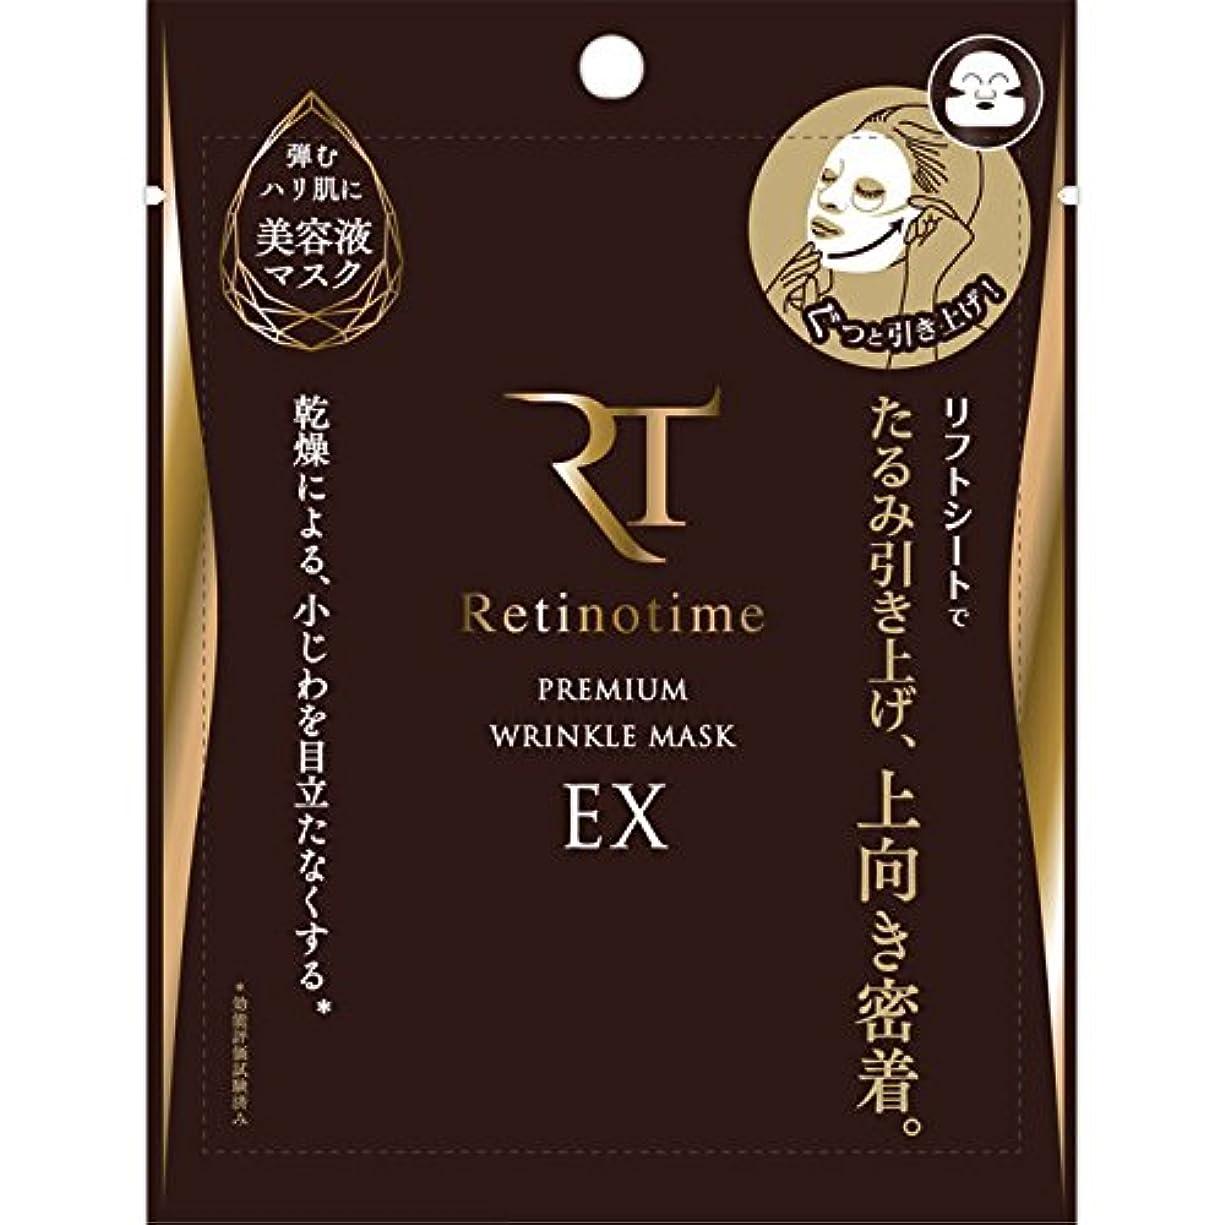 検索エンジンマーケティング気楽なまどろみのあるレチノタイム プレミアムリンクルマスク EX 1枚【26ml】